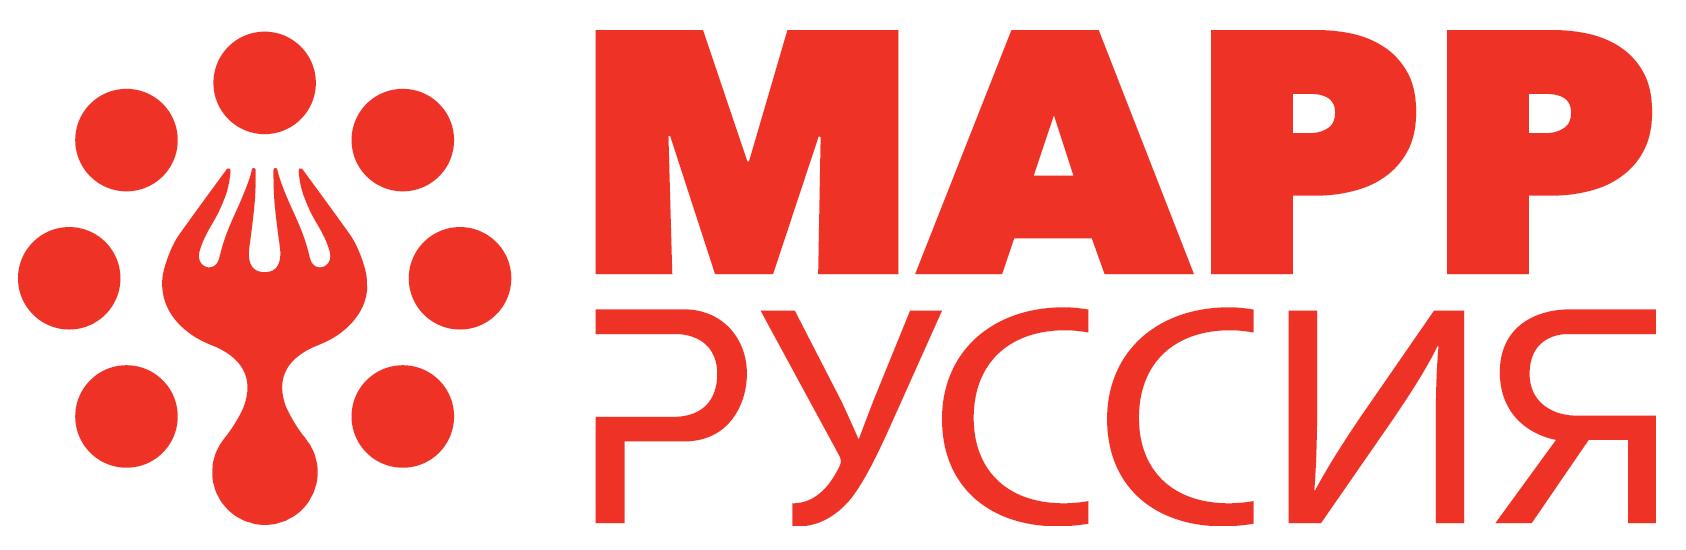 МАРР РУССИЯ